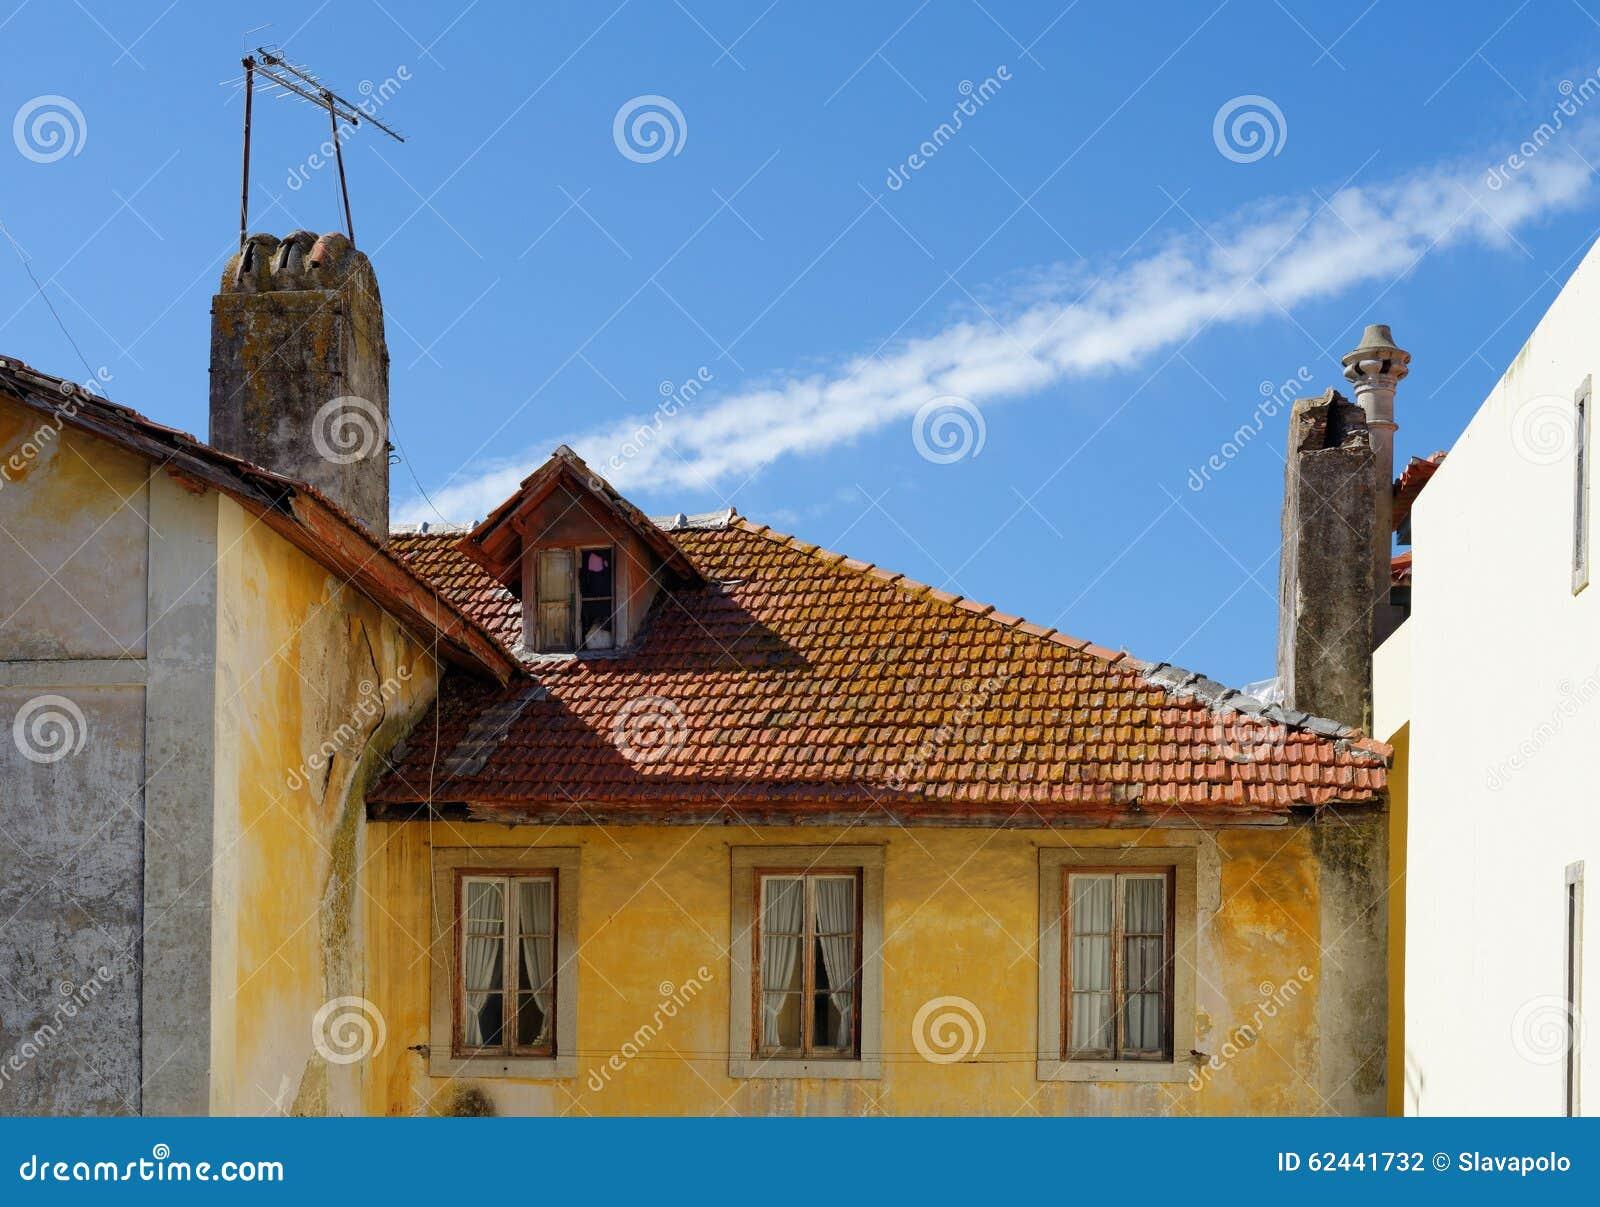 一个老房子在辛特拉,葡萄牙,有瓦屋顶和阁楼的